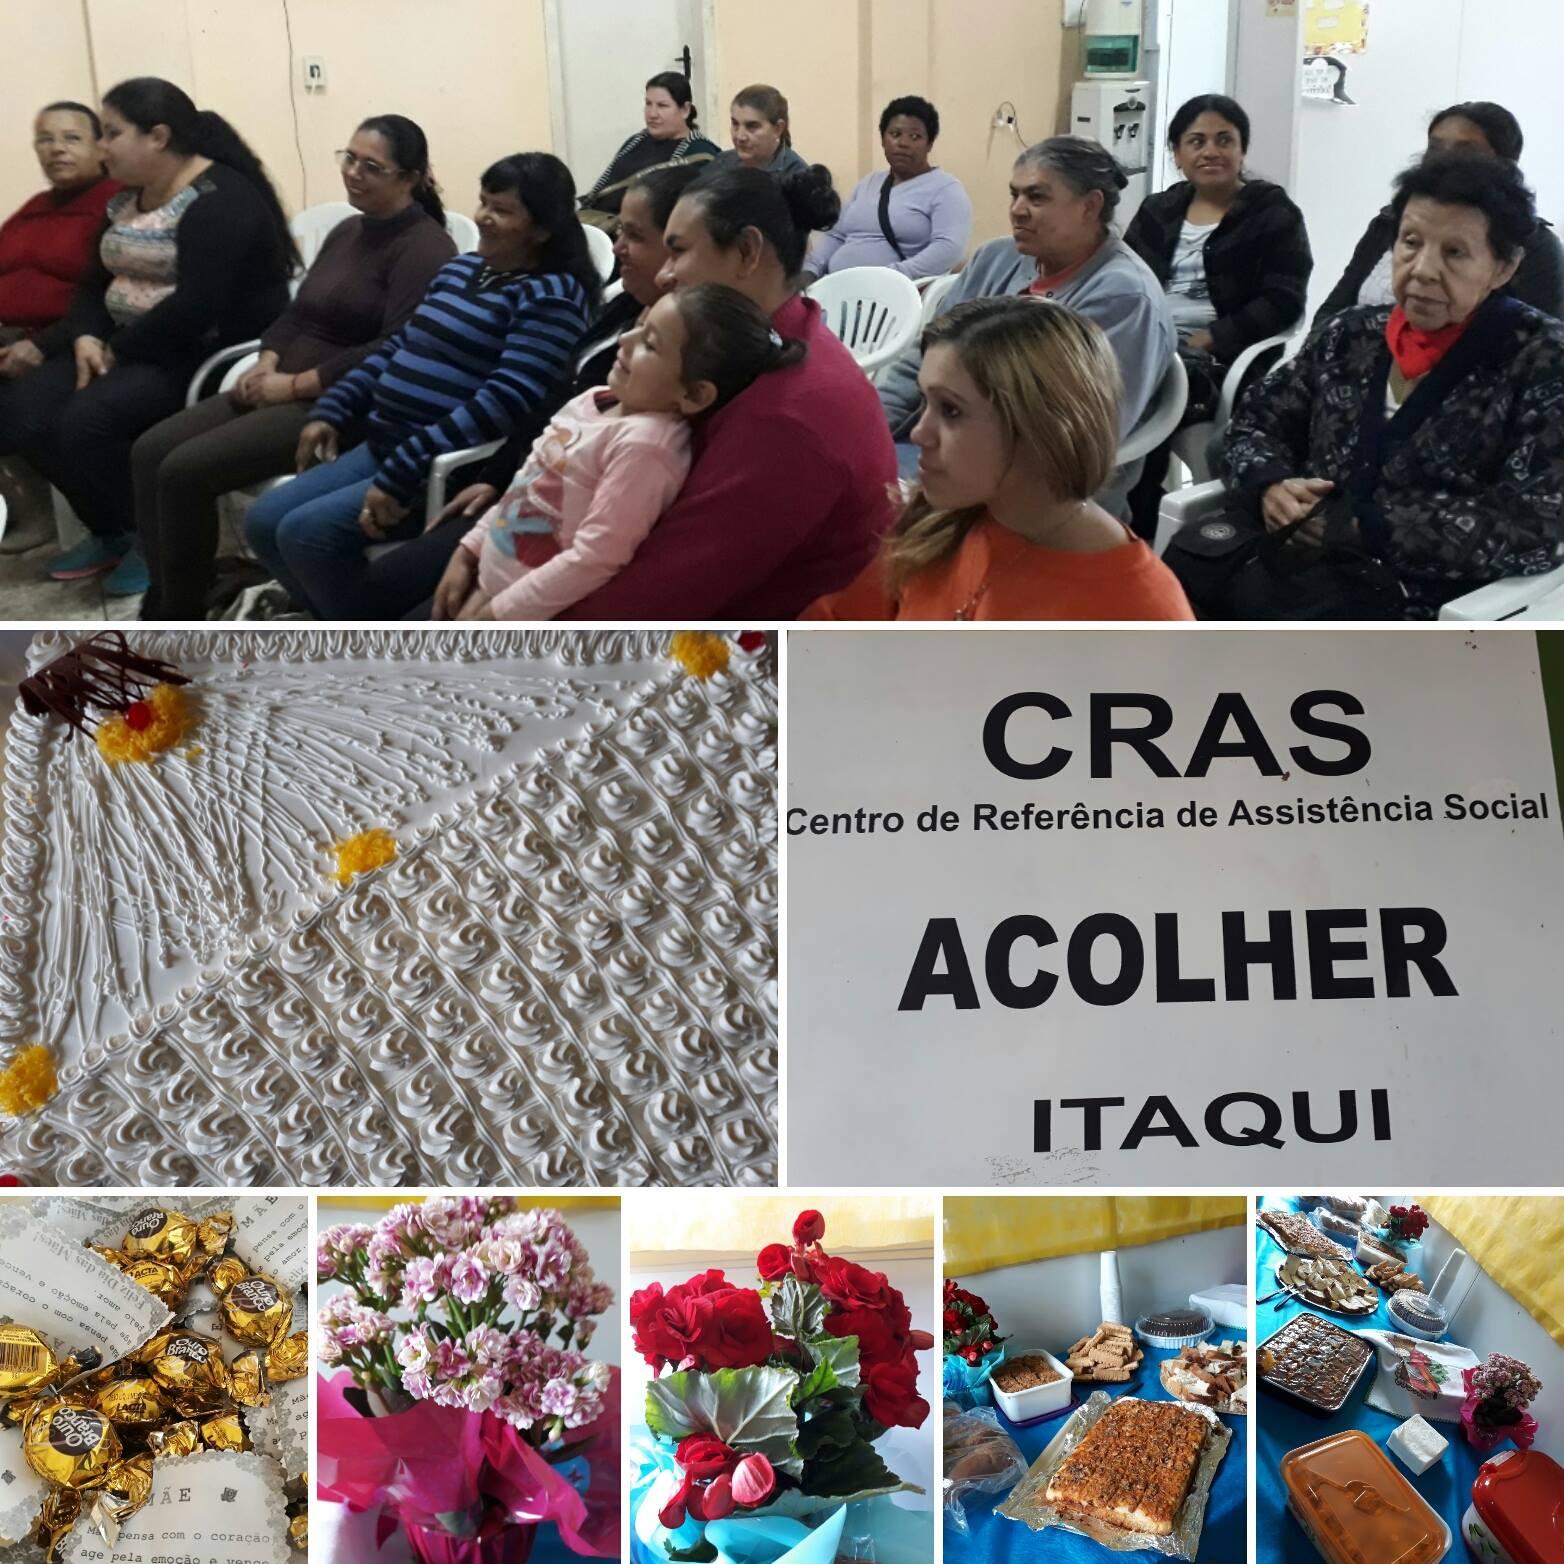 A comemoração foi organizada pelas próprias funcionárias do CRAS.